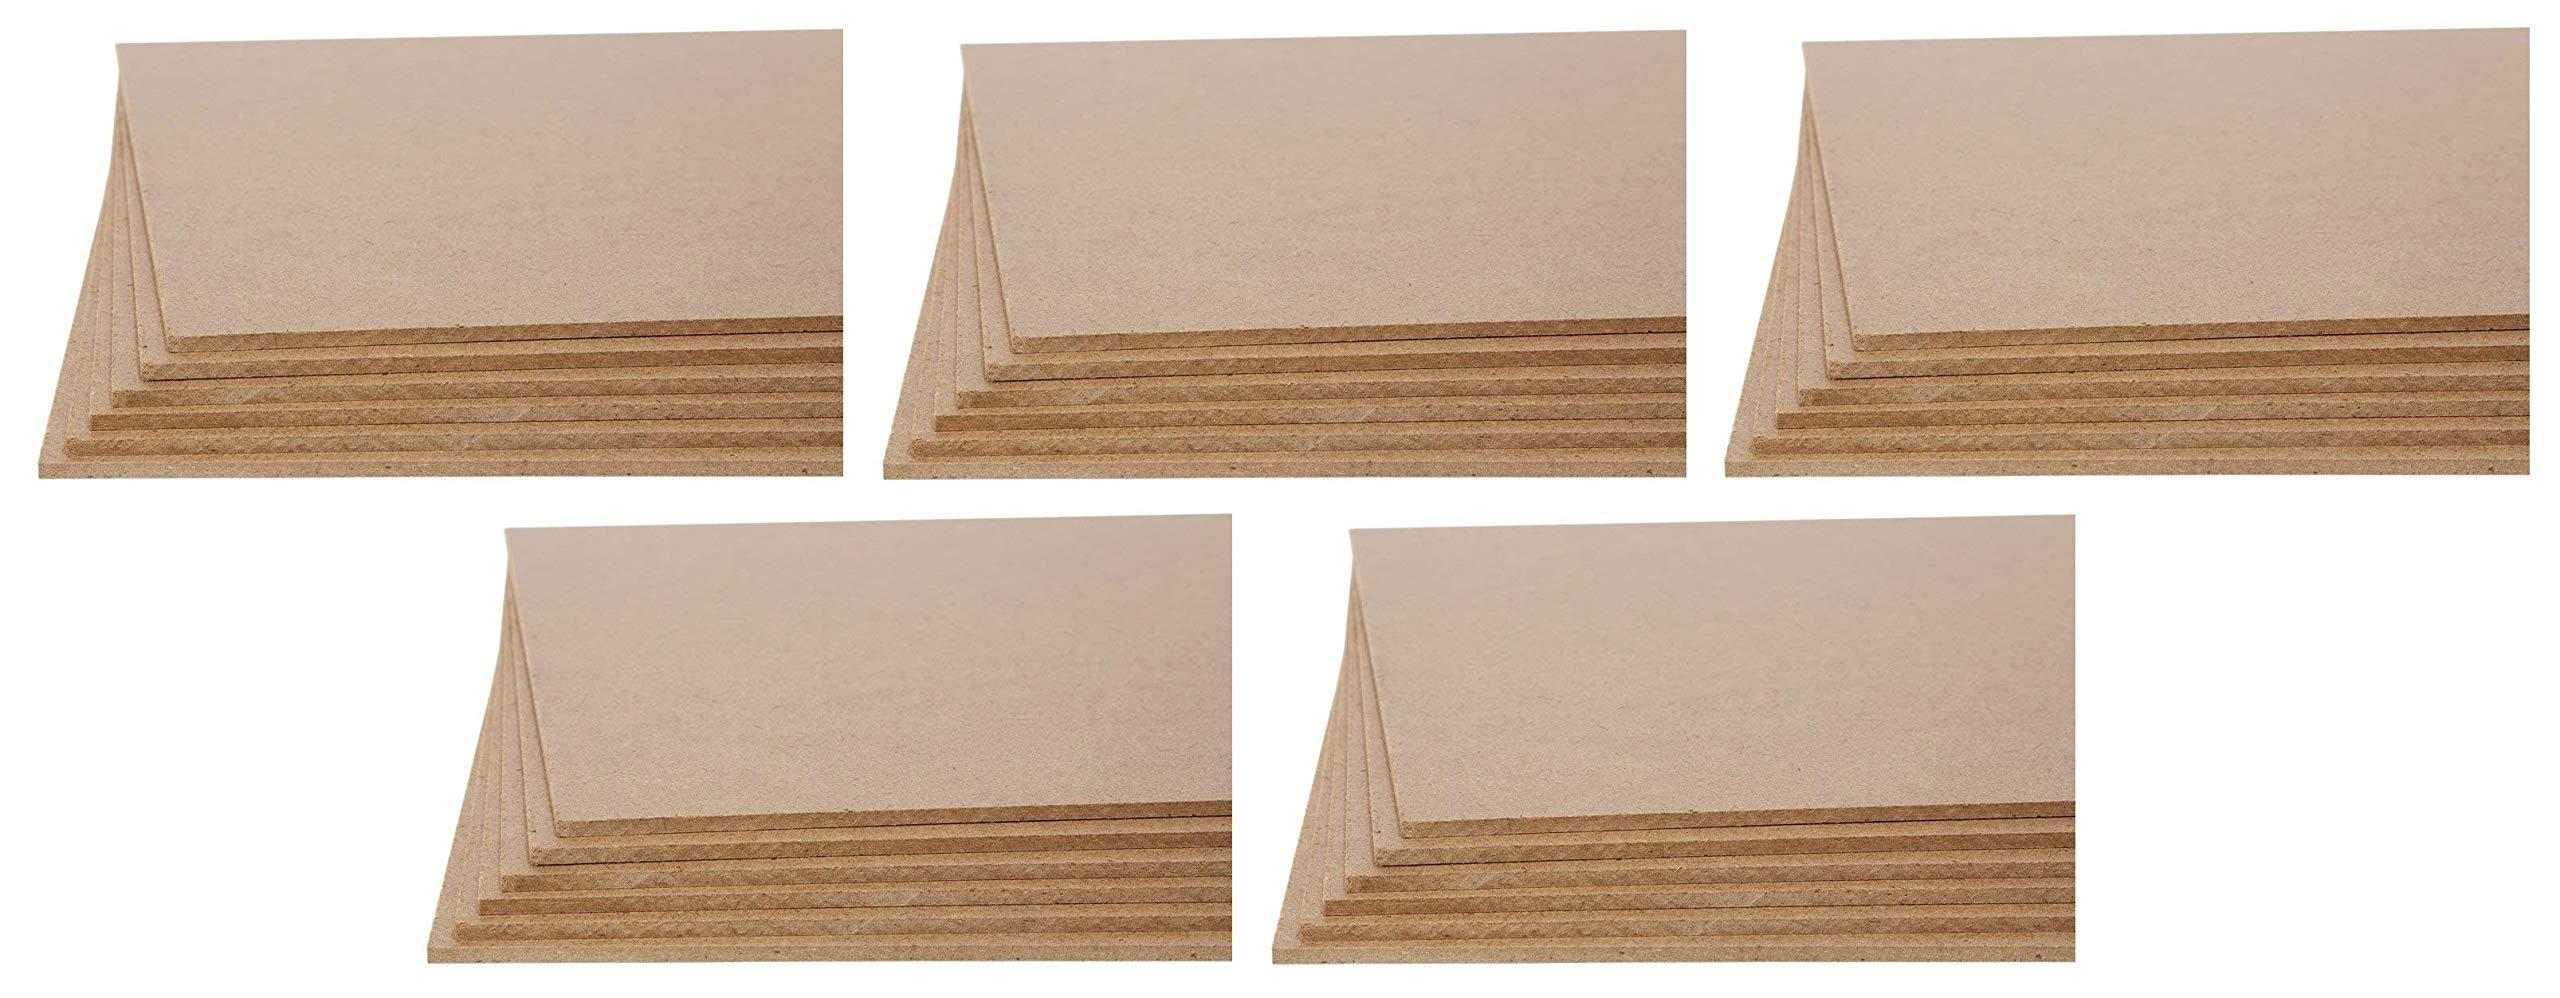 Jack Richeson Medium Density Untempered Hardboard(6 Pack), 11x14 (Вundlе оf Fіvе)